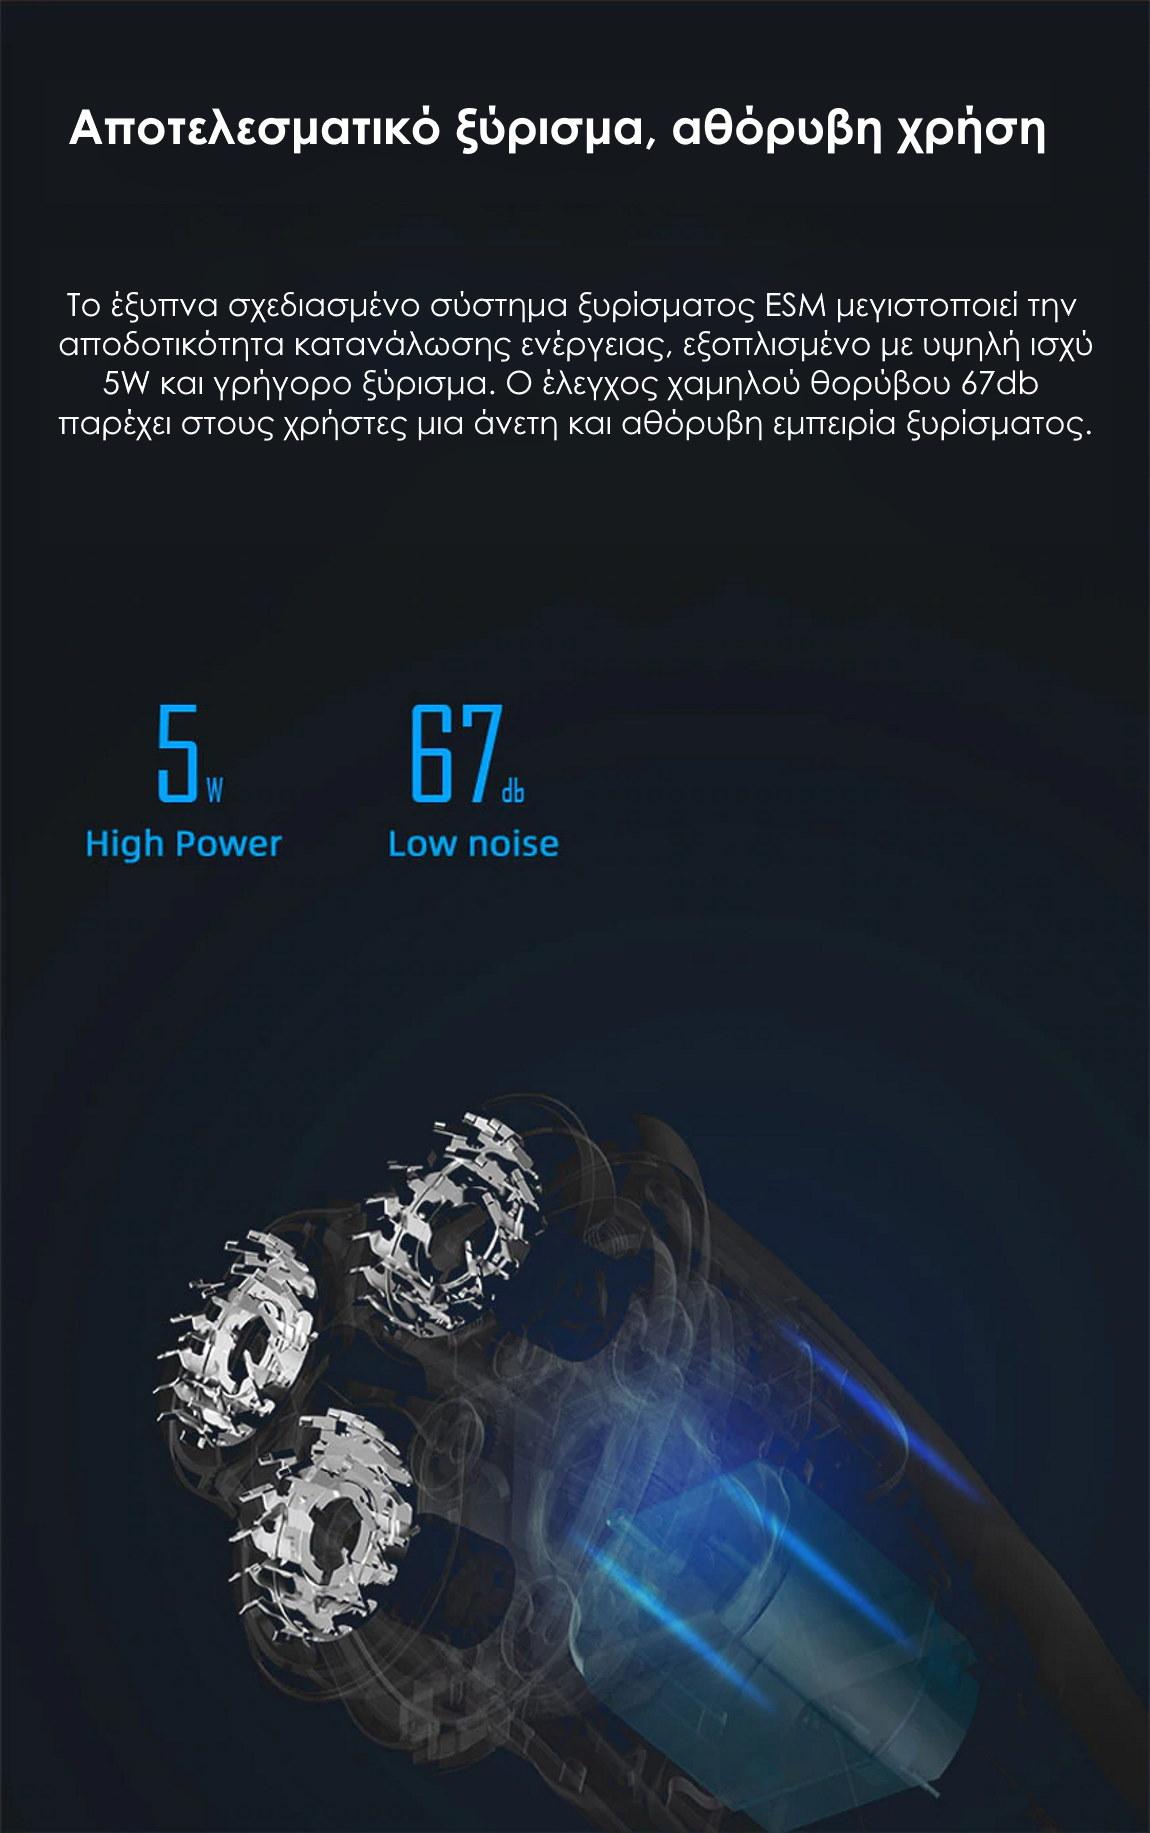 Enchen Blackstone 3CJ 3D αθόρυβη λειτουργία